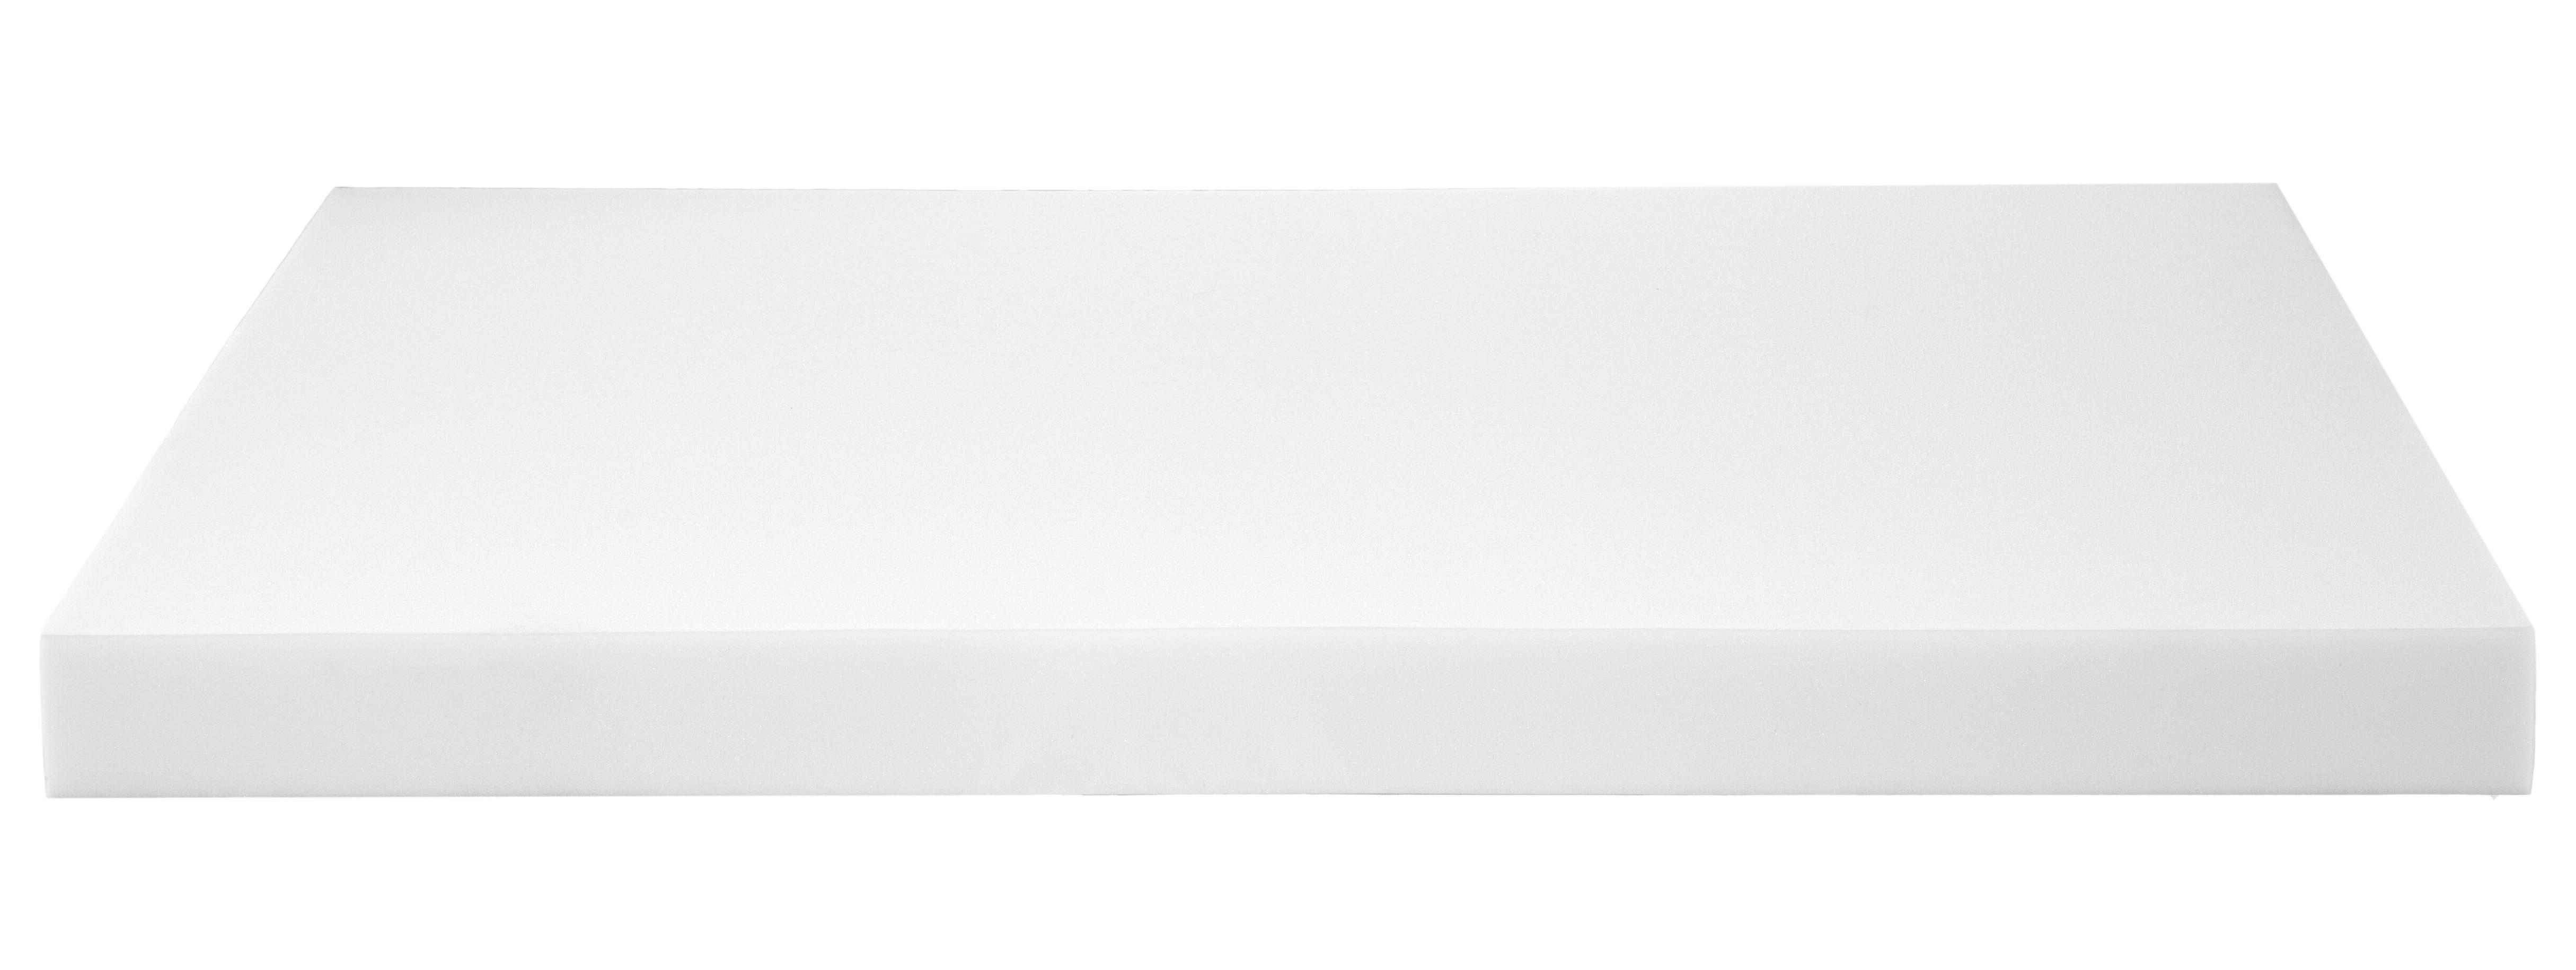 materasso per divano letto | evergreenweb - Materasso X Divano Letto Matrimoniale